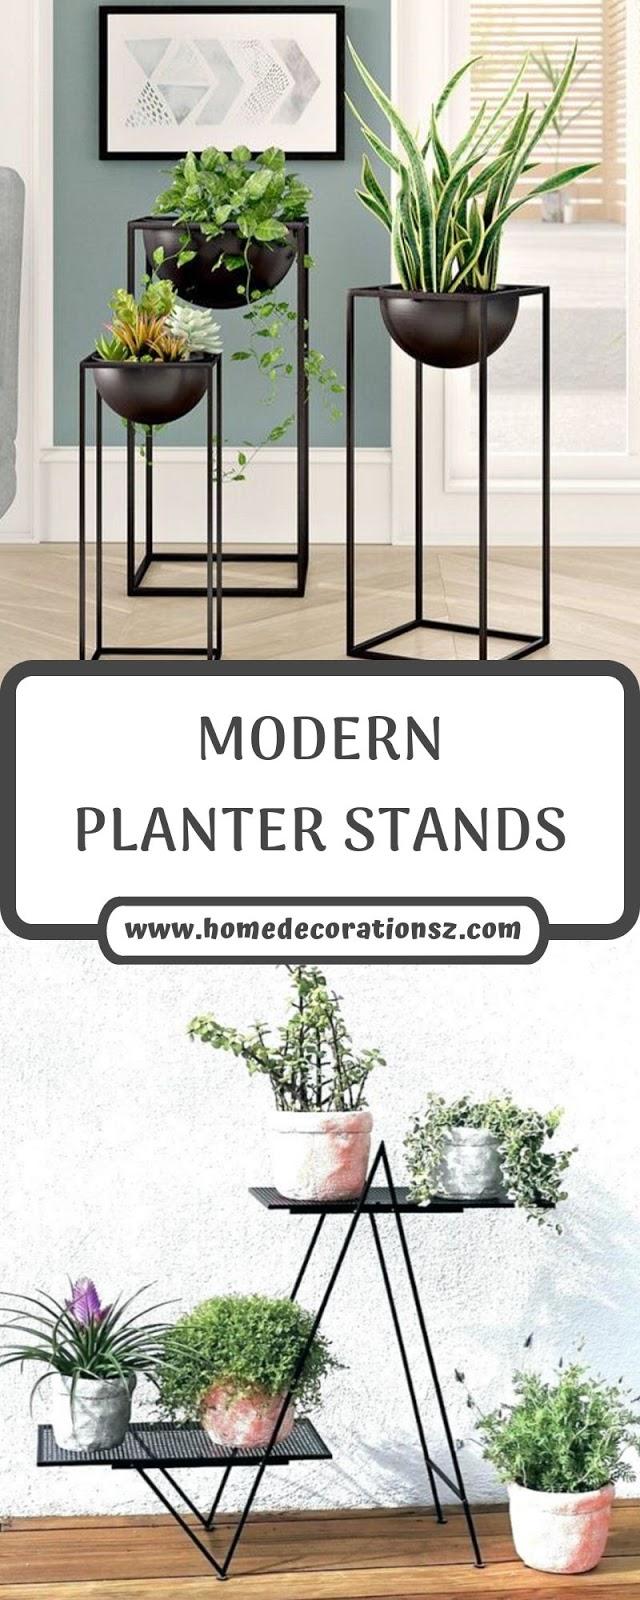 MODERN PLANTER STANDS